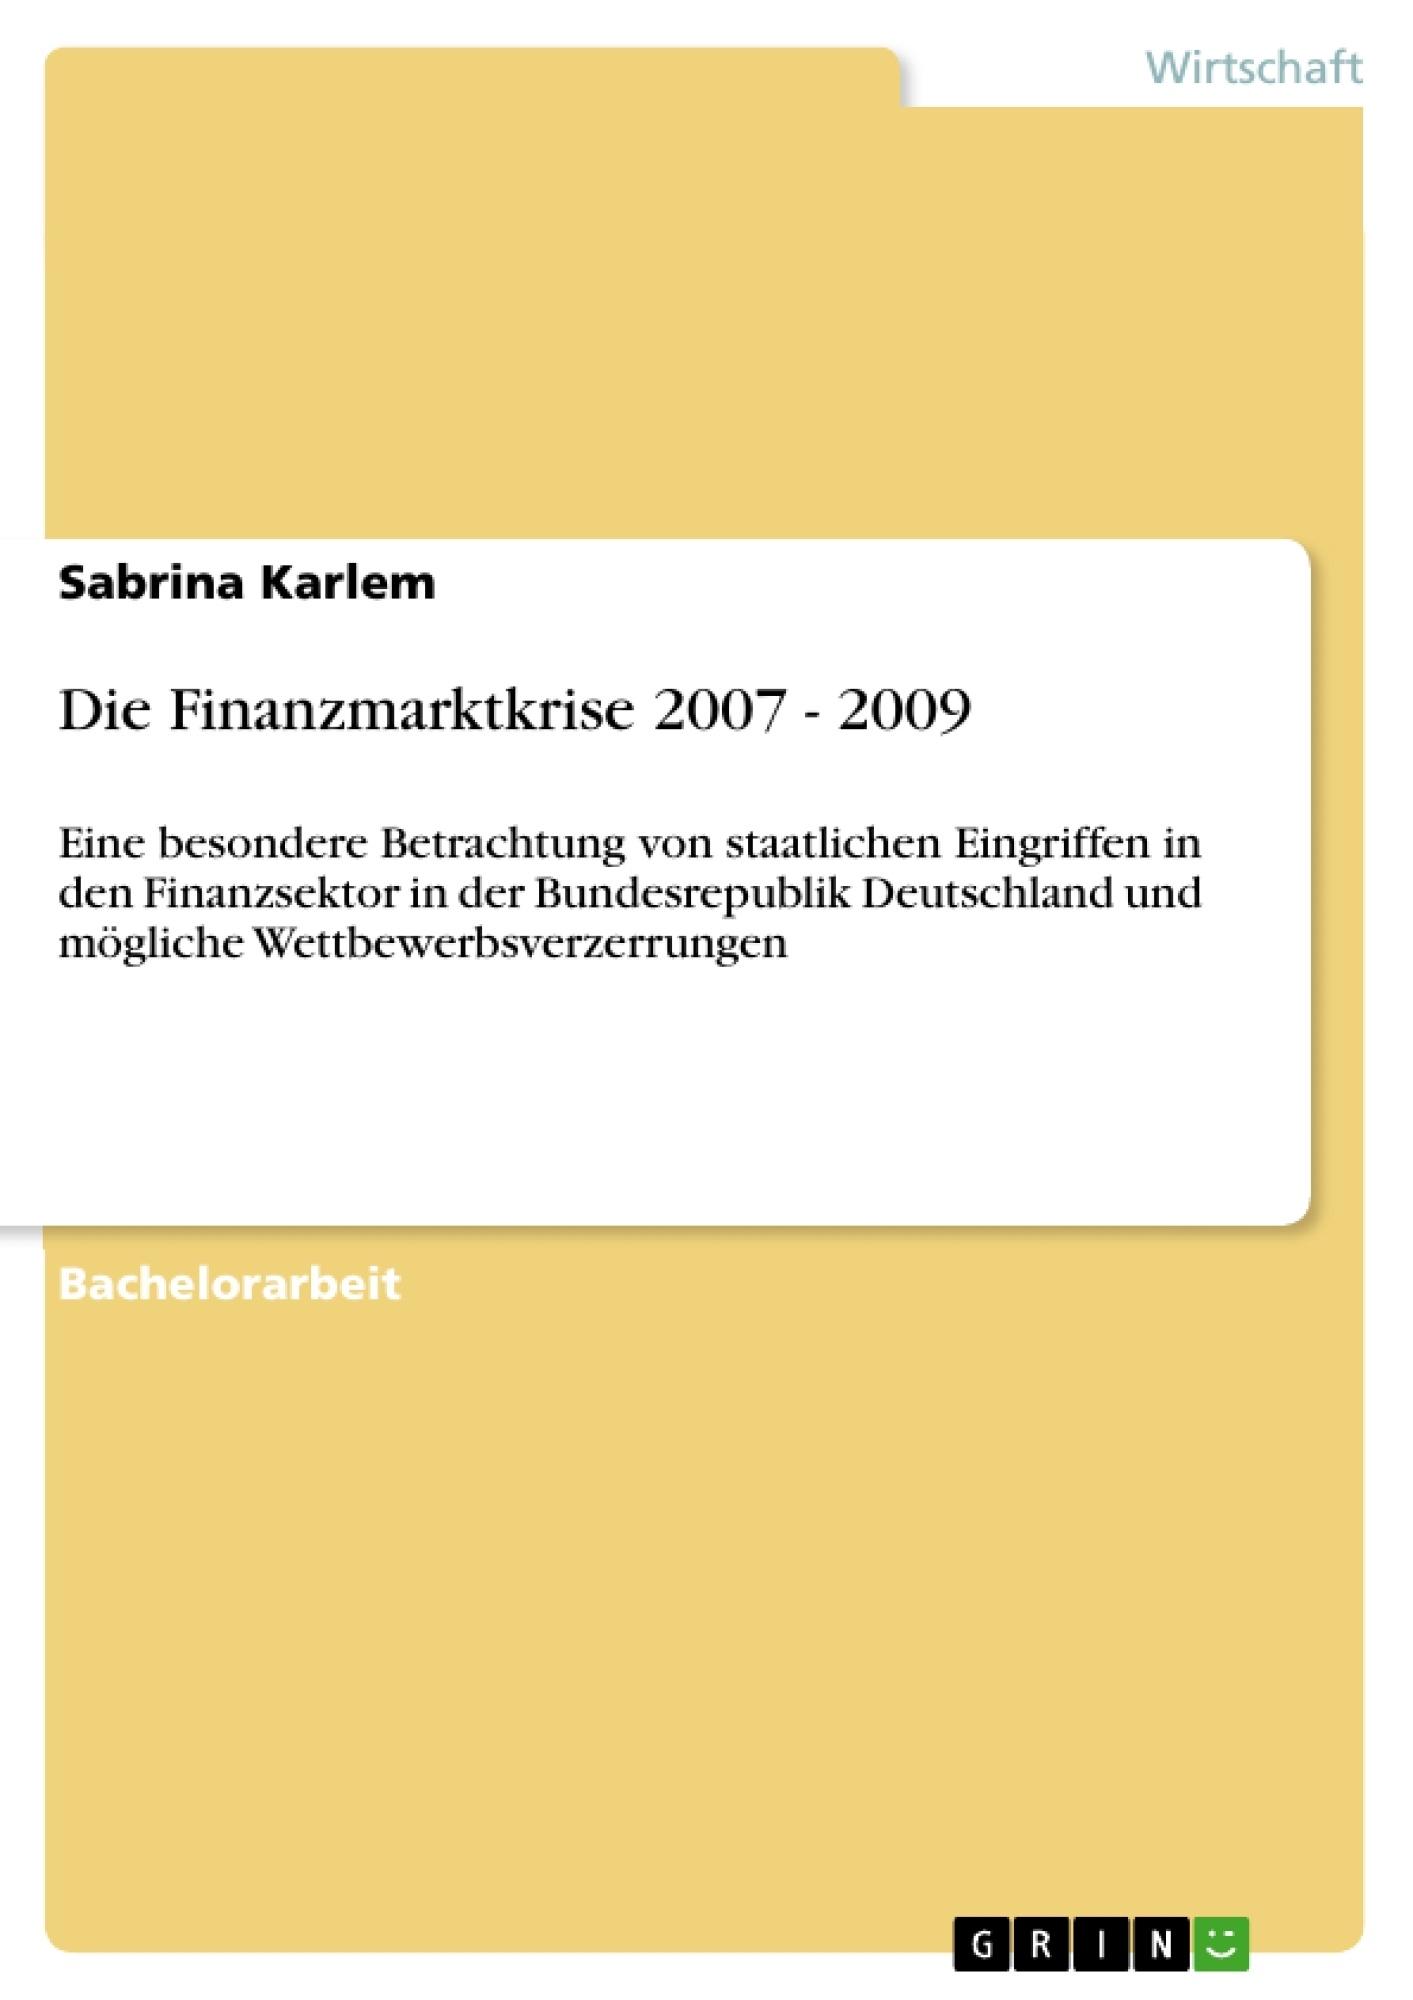 Titel: Die Finanzmarktkrise 2007 - 2009